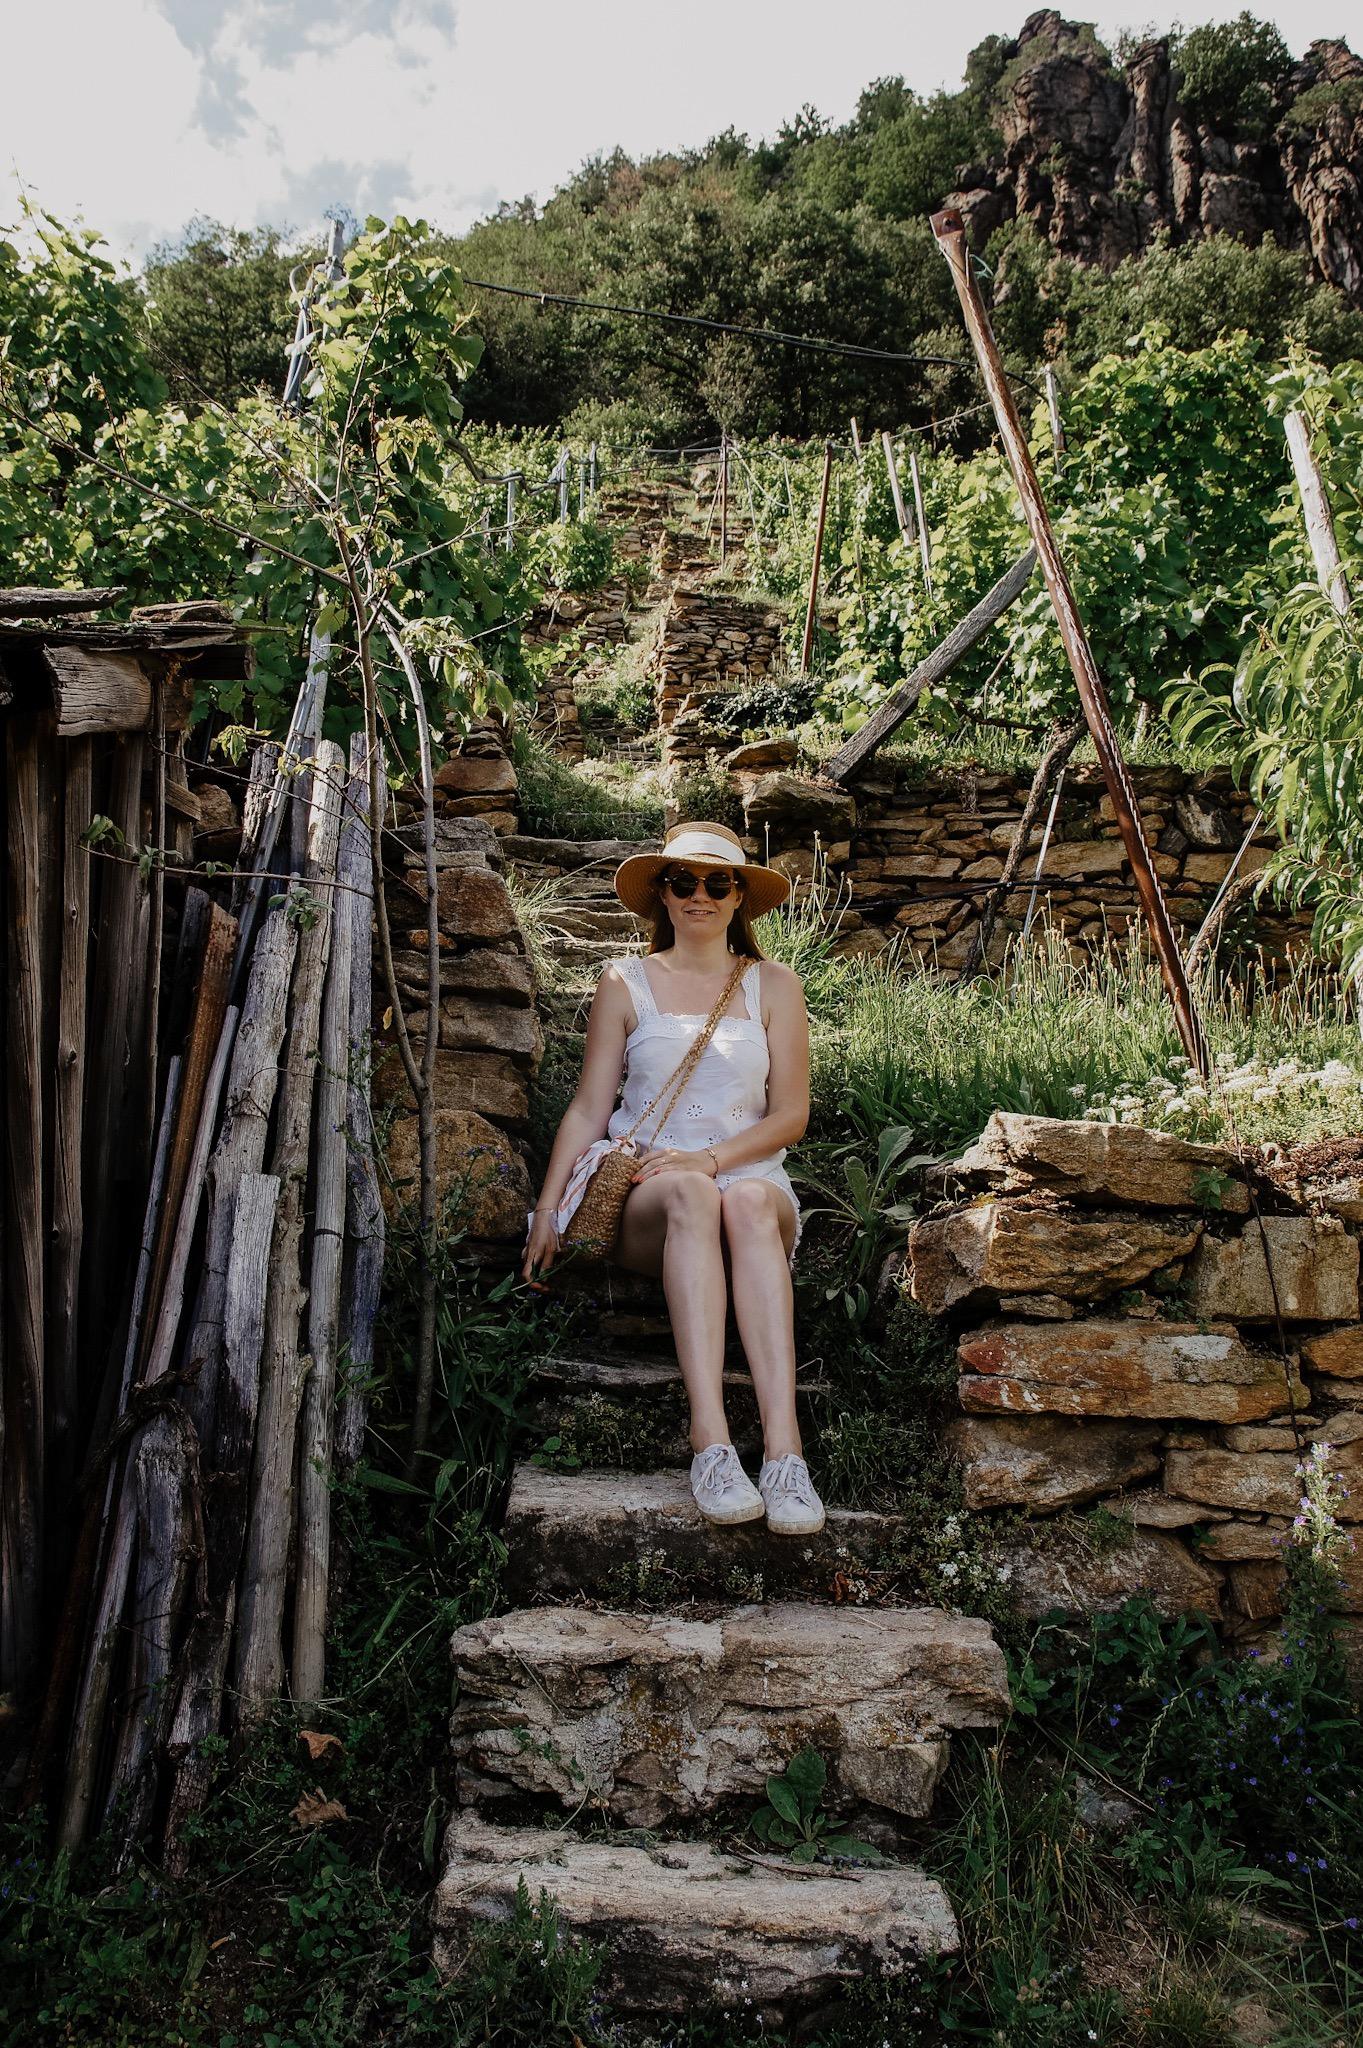 Wachau: Wanderung zum Aussichtspunkt in der Nähe der Kügerlwand